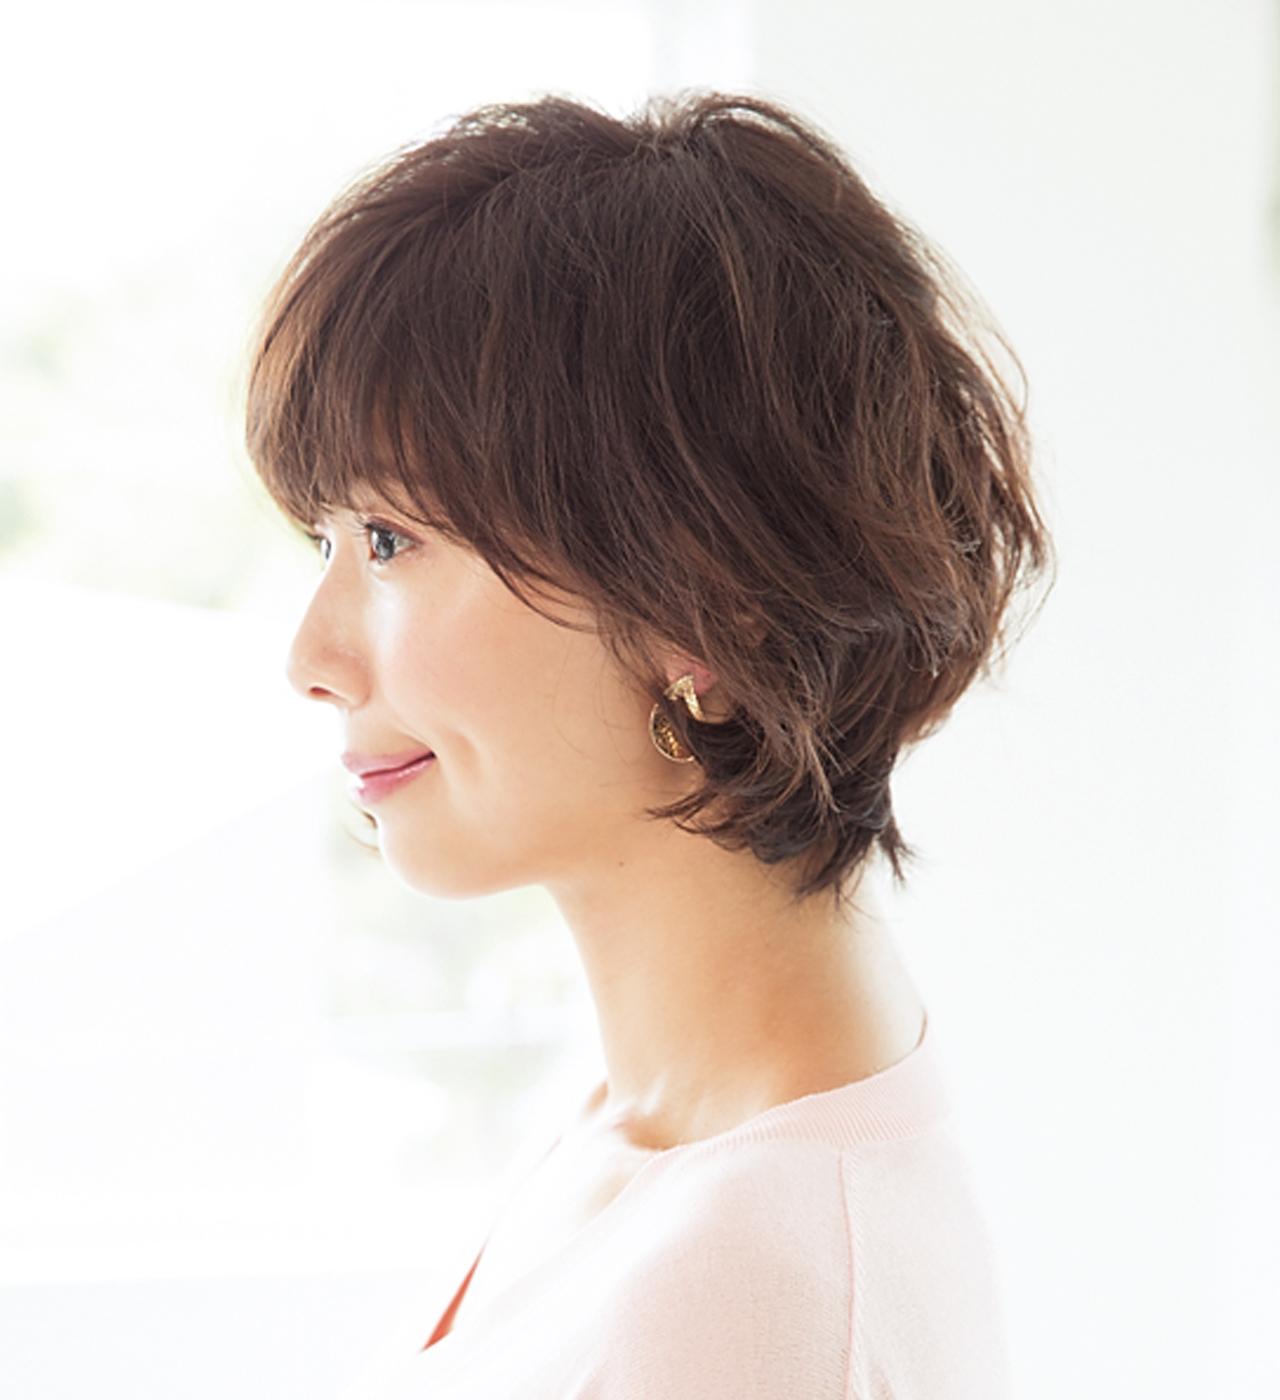 髪のうねりを利用した大きめカールヘアでフェミニンショートに【40代のショートヘア】_1_2